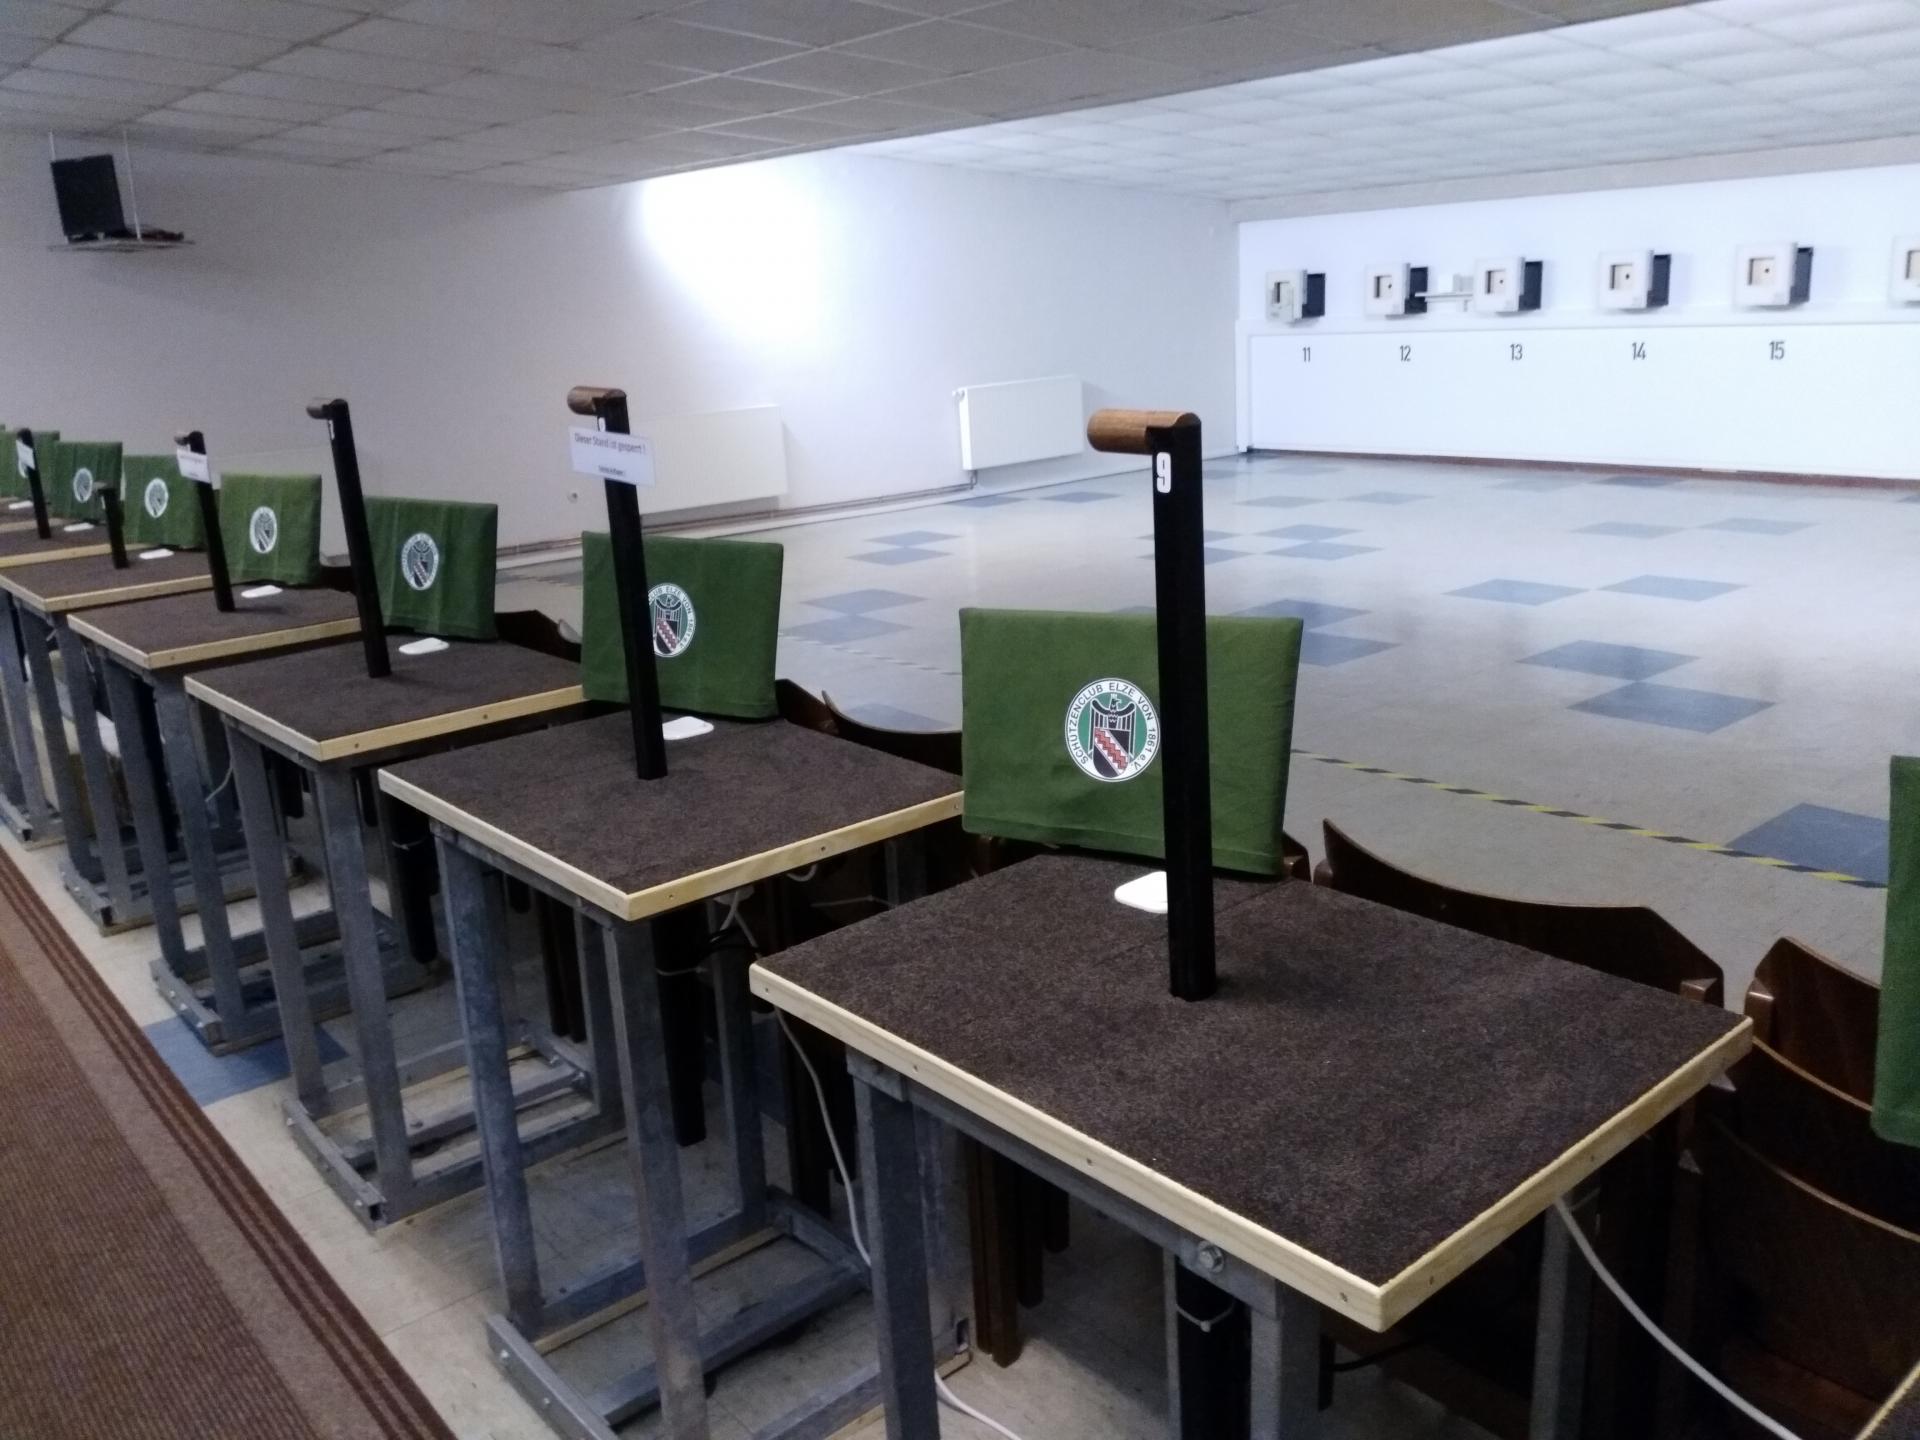 Tische LG Halle neu-2